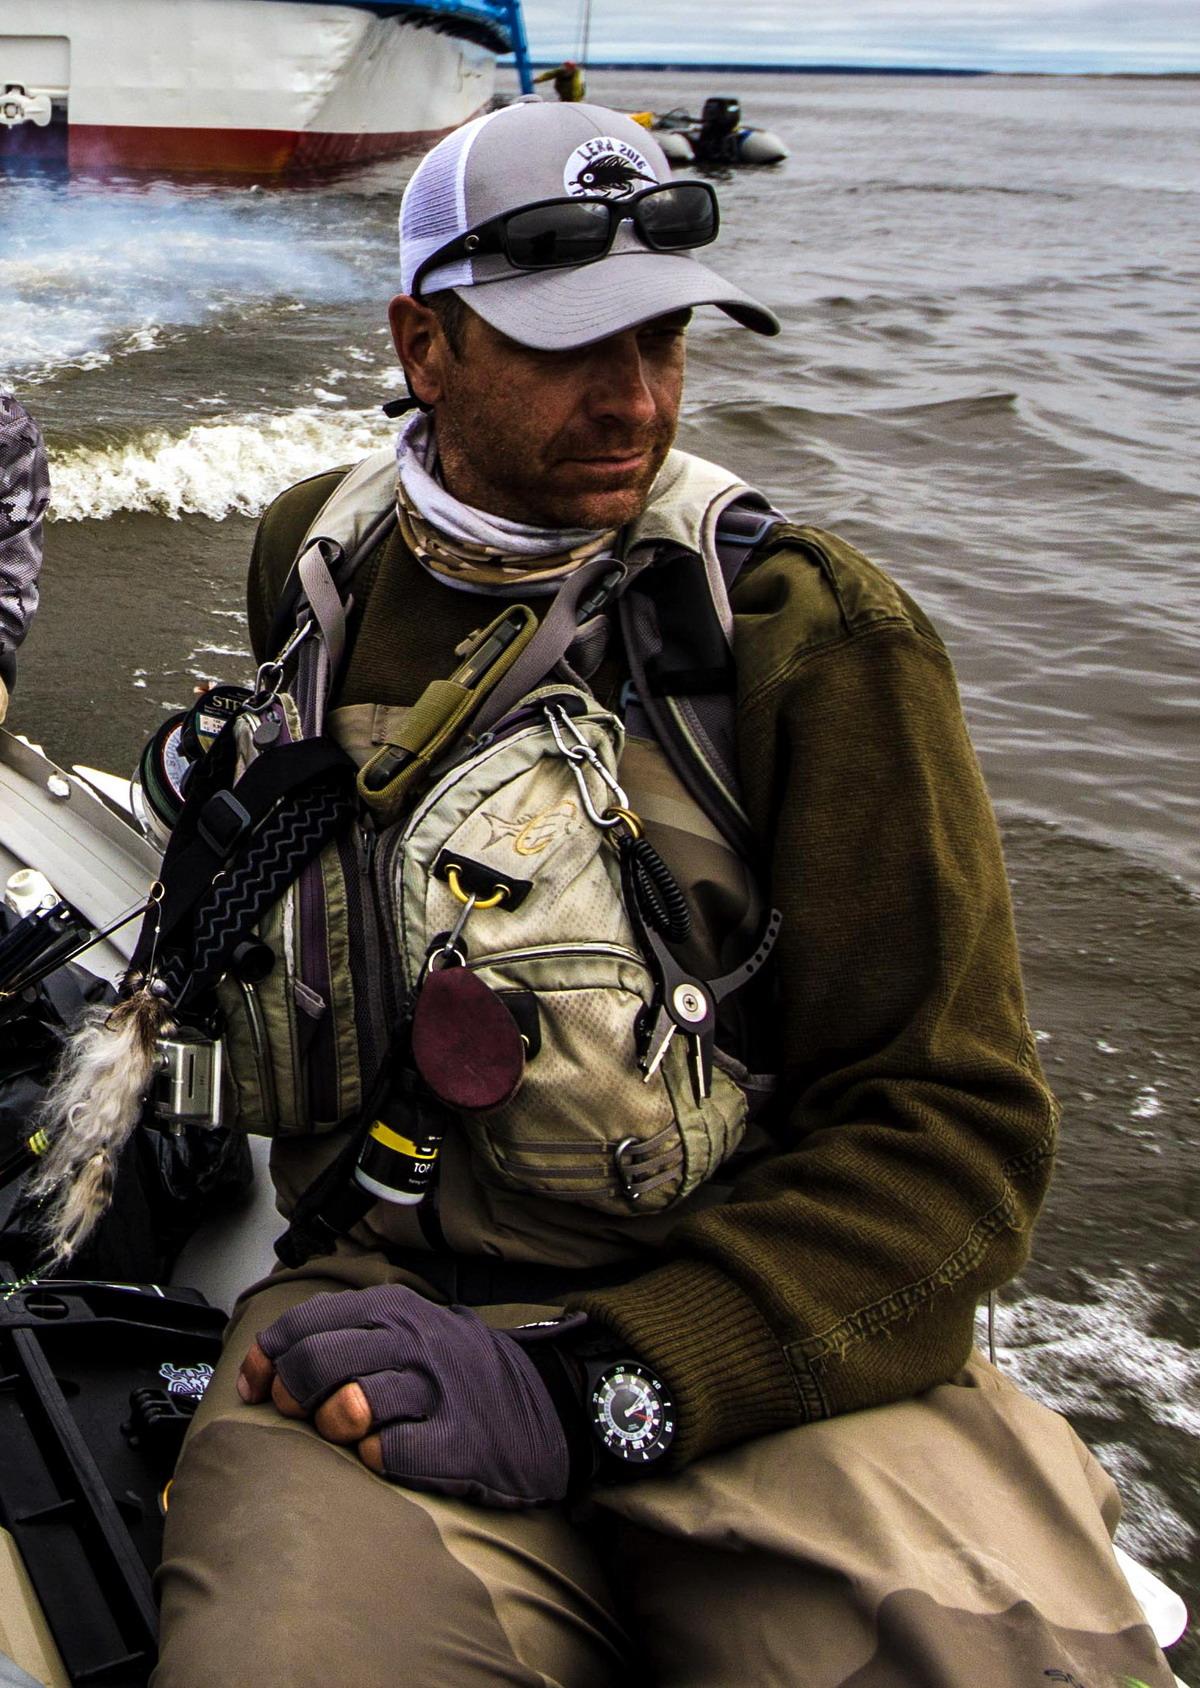 Enthousiastes pêcheur à la mouche et la mouche niveau de moins de 12 ans l'amour combiné de la pêche avec des guides touristiques pour créer des services de pêche de guidage Lustrik. Il se sent vraiment le privilège d'être né et vit en Slovénie, un pays qui peut offrir un si large variété d'options de pêche. Sa passion au fil des ans est devenu Huchen et Taimen pêche. Concepteur et propriétaire du brevet de leurres Huchen. Pioneer pêcheur à la mouche pour Hucho en Slovénie et d'autres parties de l'Europe.